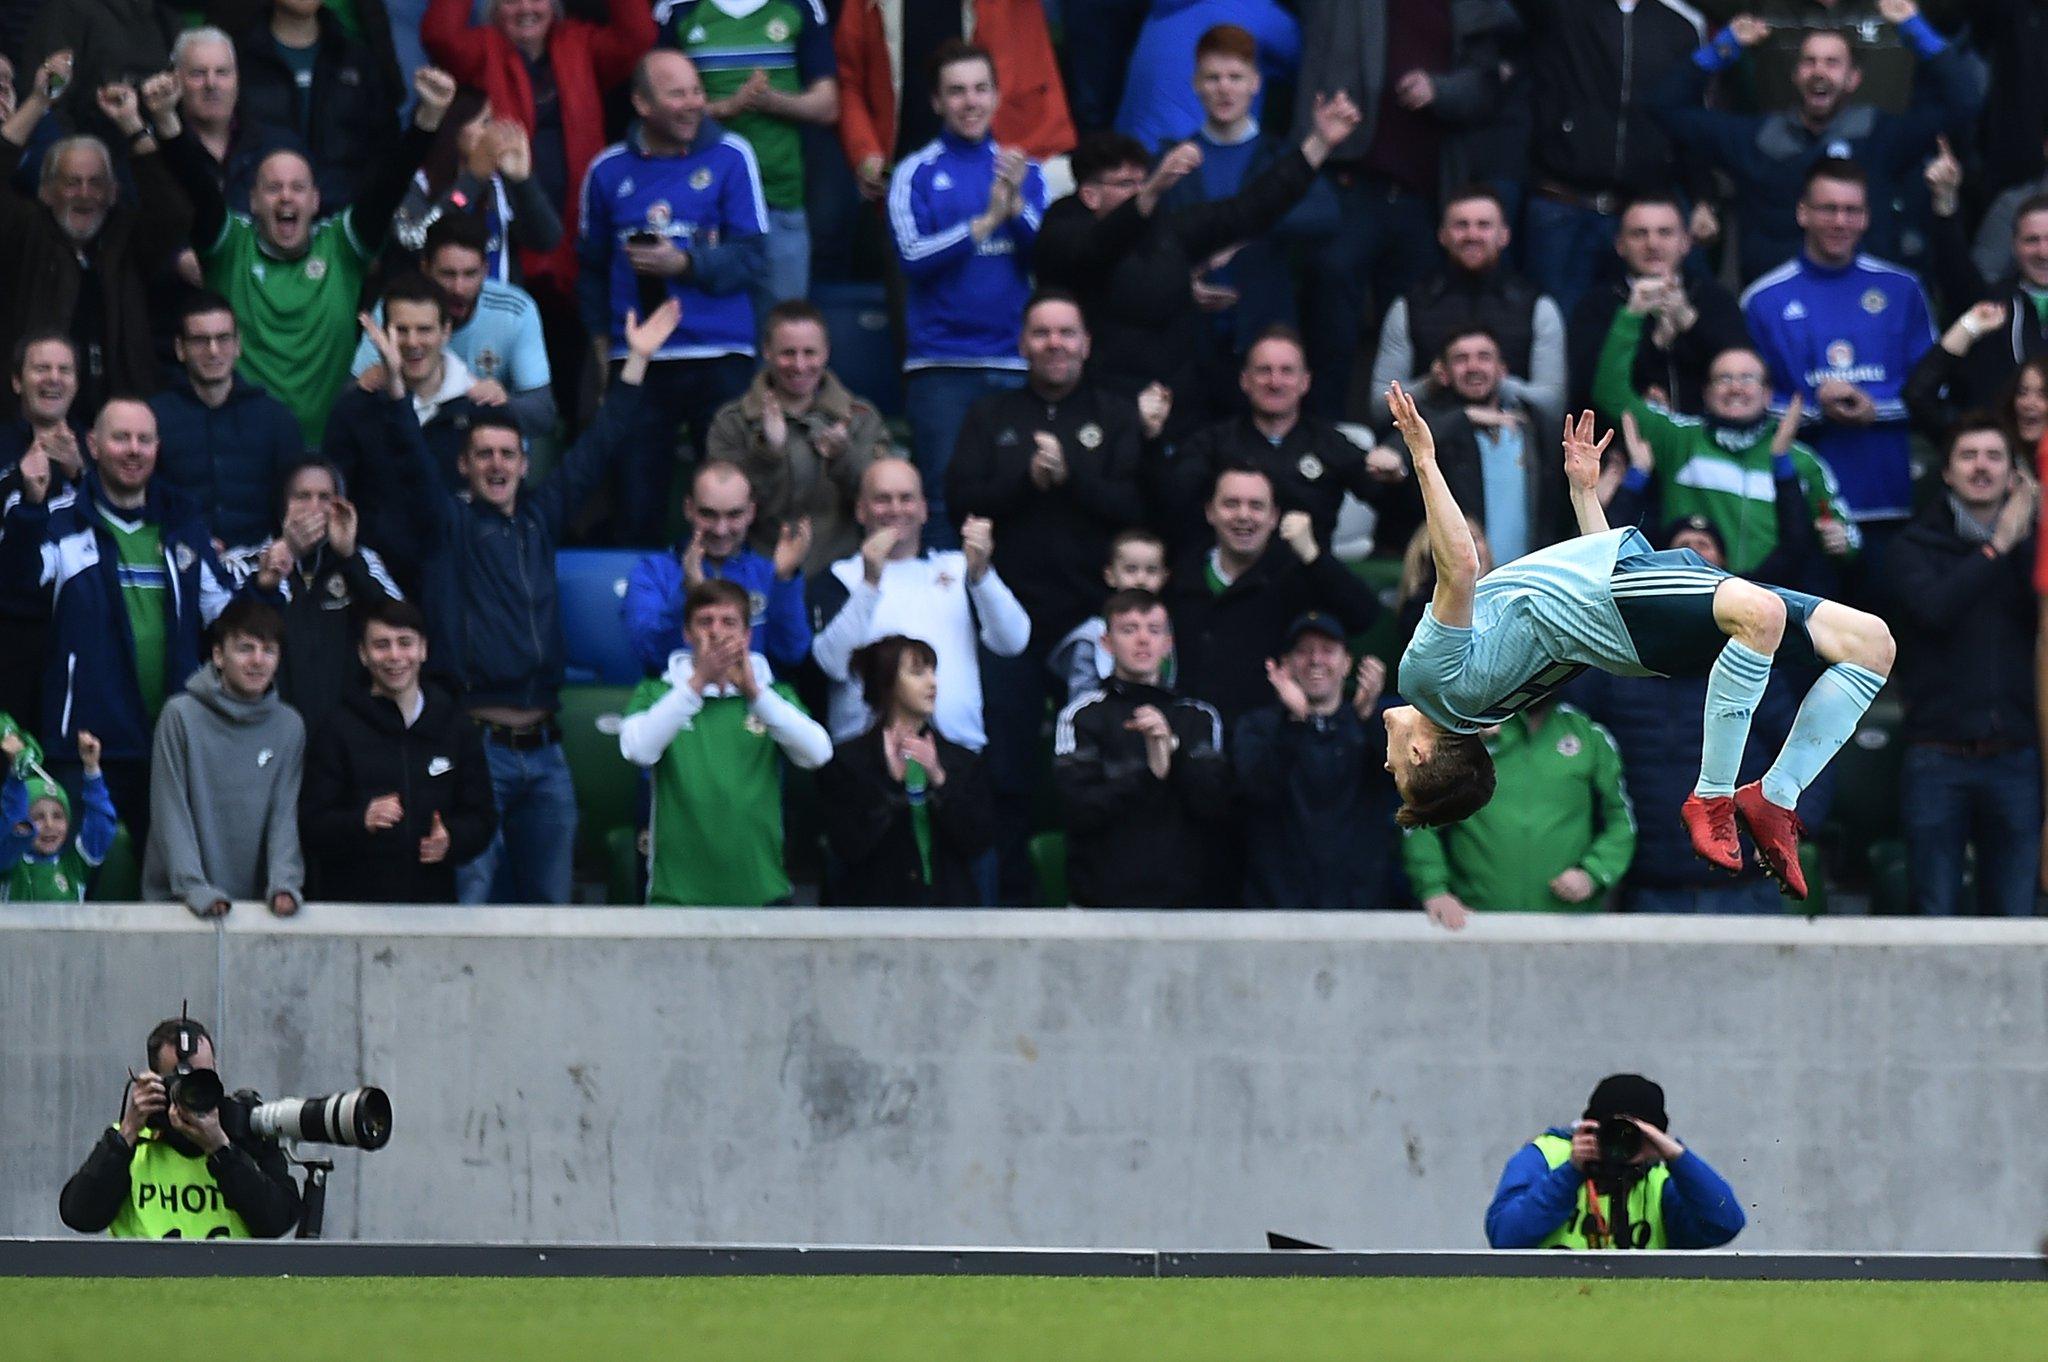 เด็ก 20 ยิงชัย! ไอร์แลนด์เหนือ พลิกดับ เกาหลีใต้ 2-1